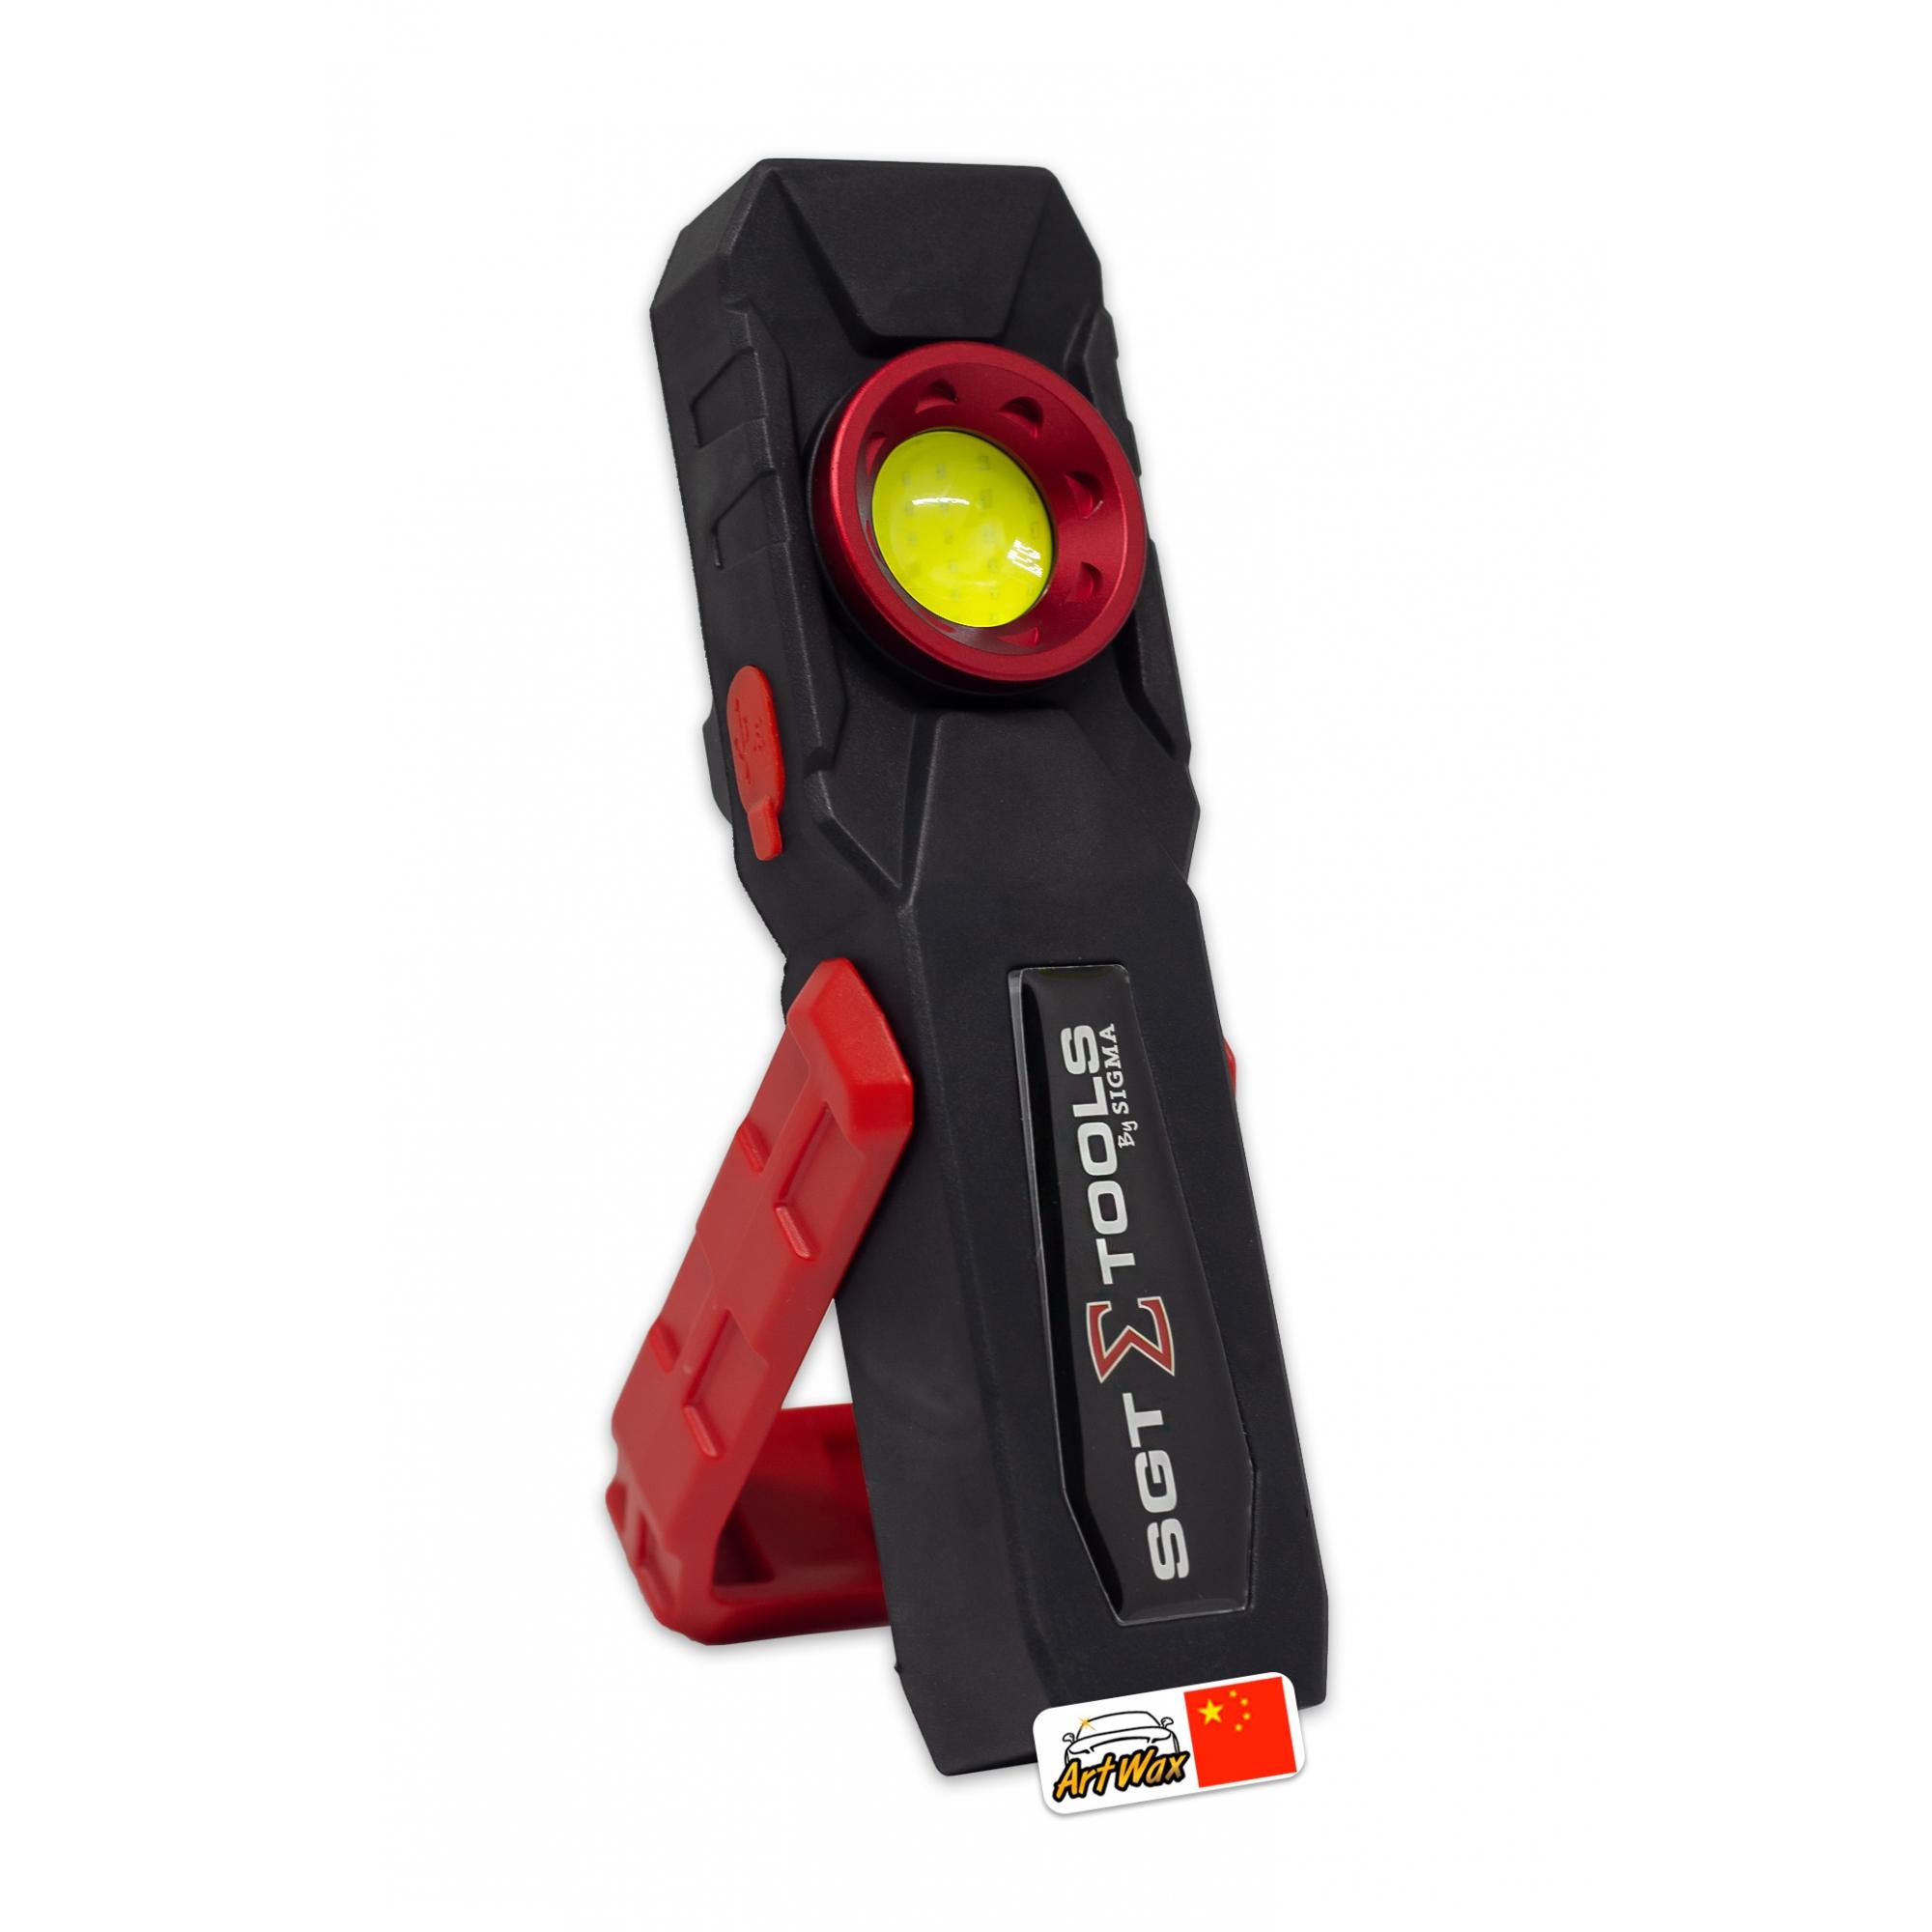 Lanterna de Inspeção Led SGT-8502 Sigma Tools (Com Função Power Bank)